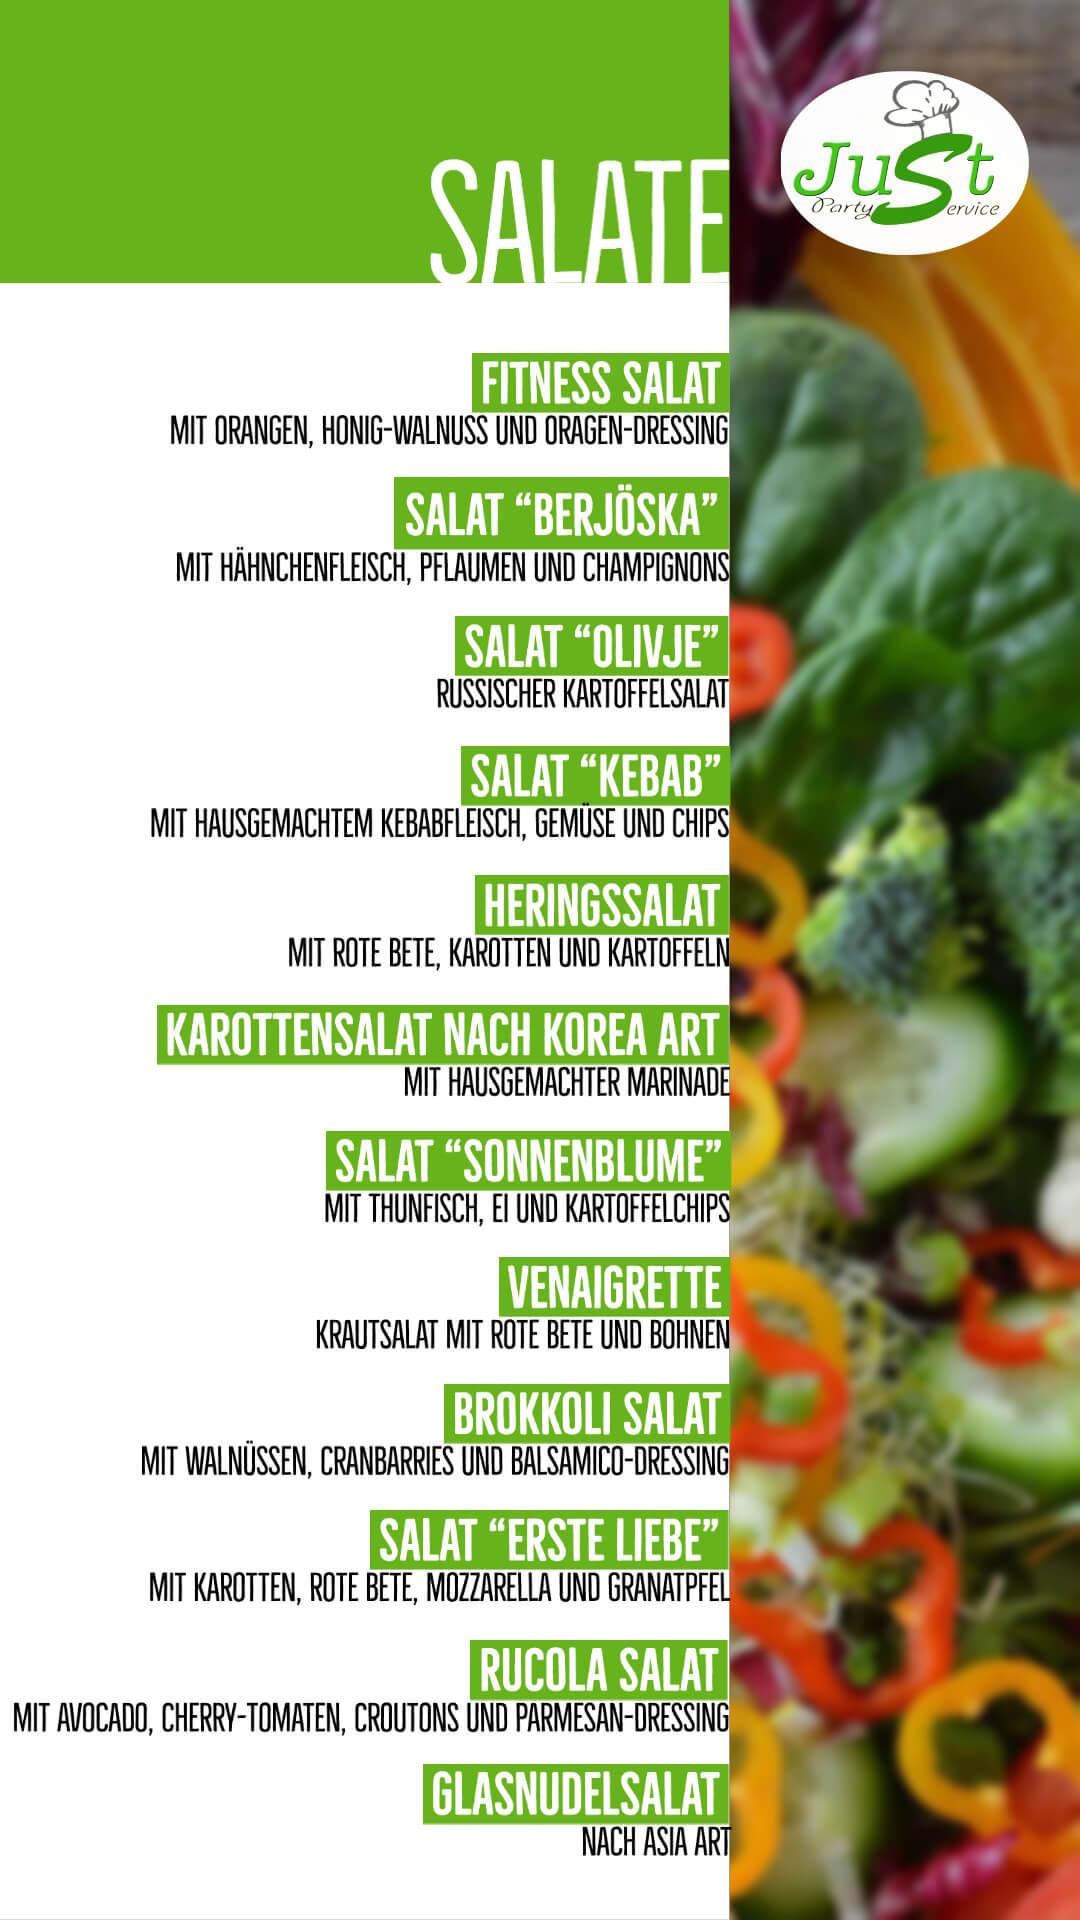 Salate-Menü